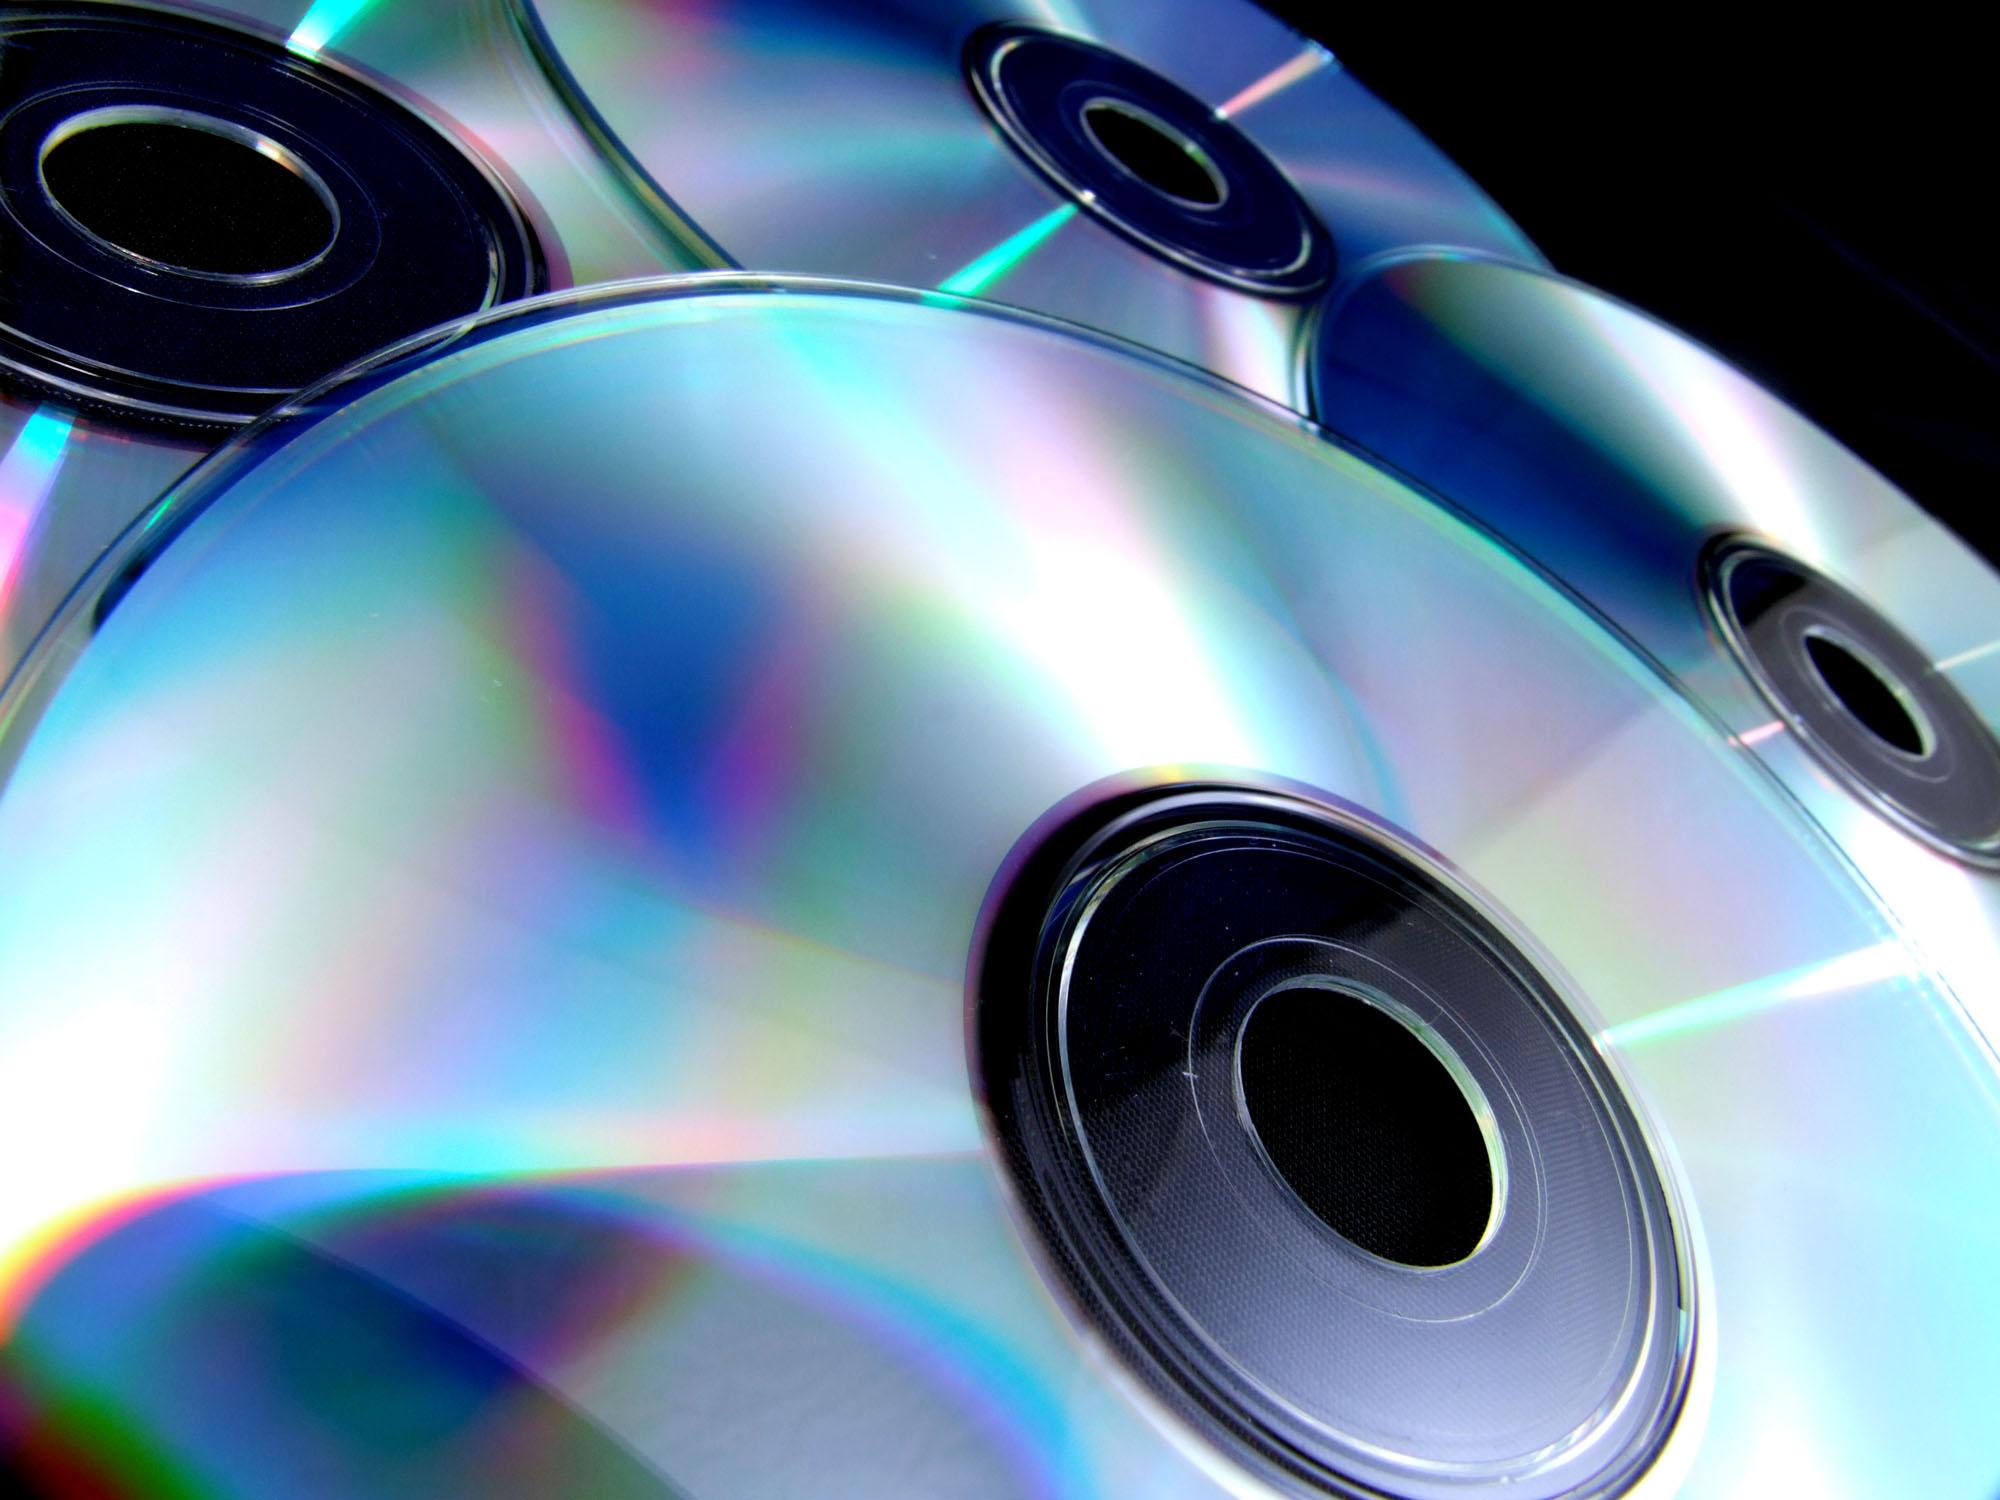 cds - Produtos para serigrafia